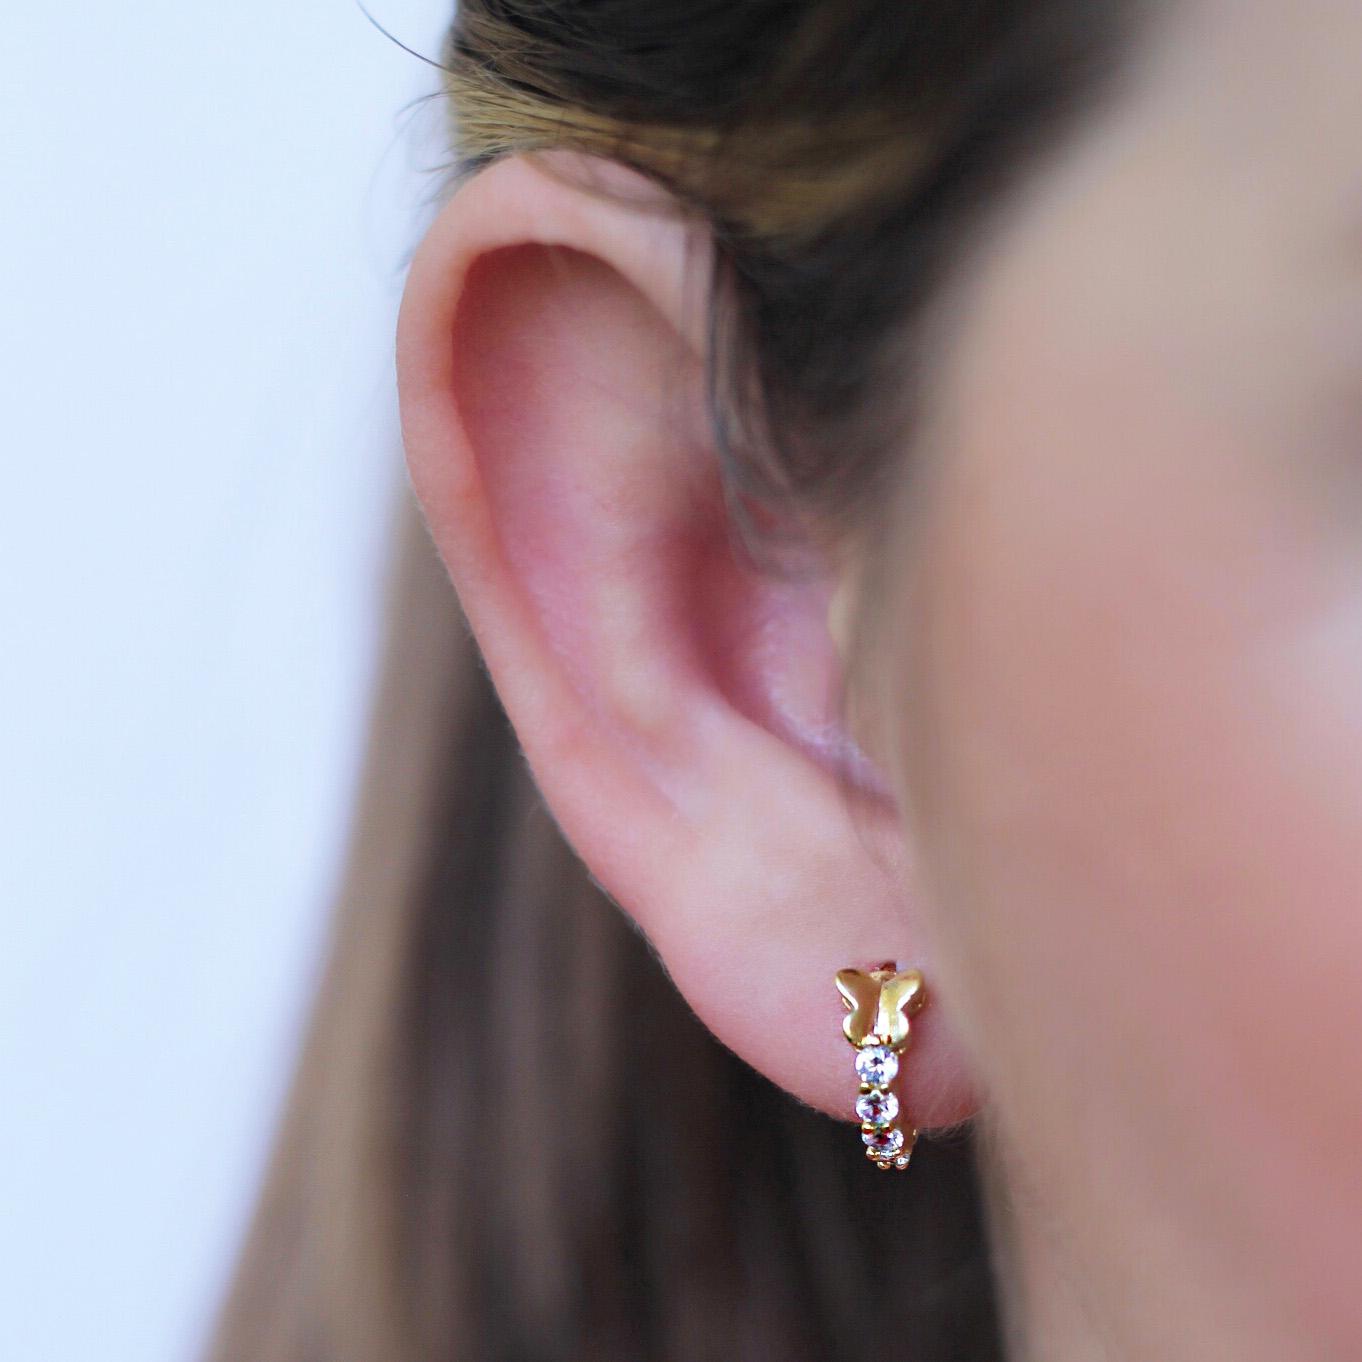 Argola com Borboleta e Cravejado de Zircônias Brancas Folheado em Ouro 18K